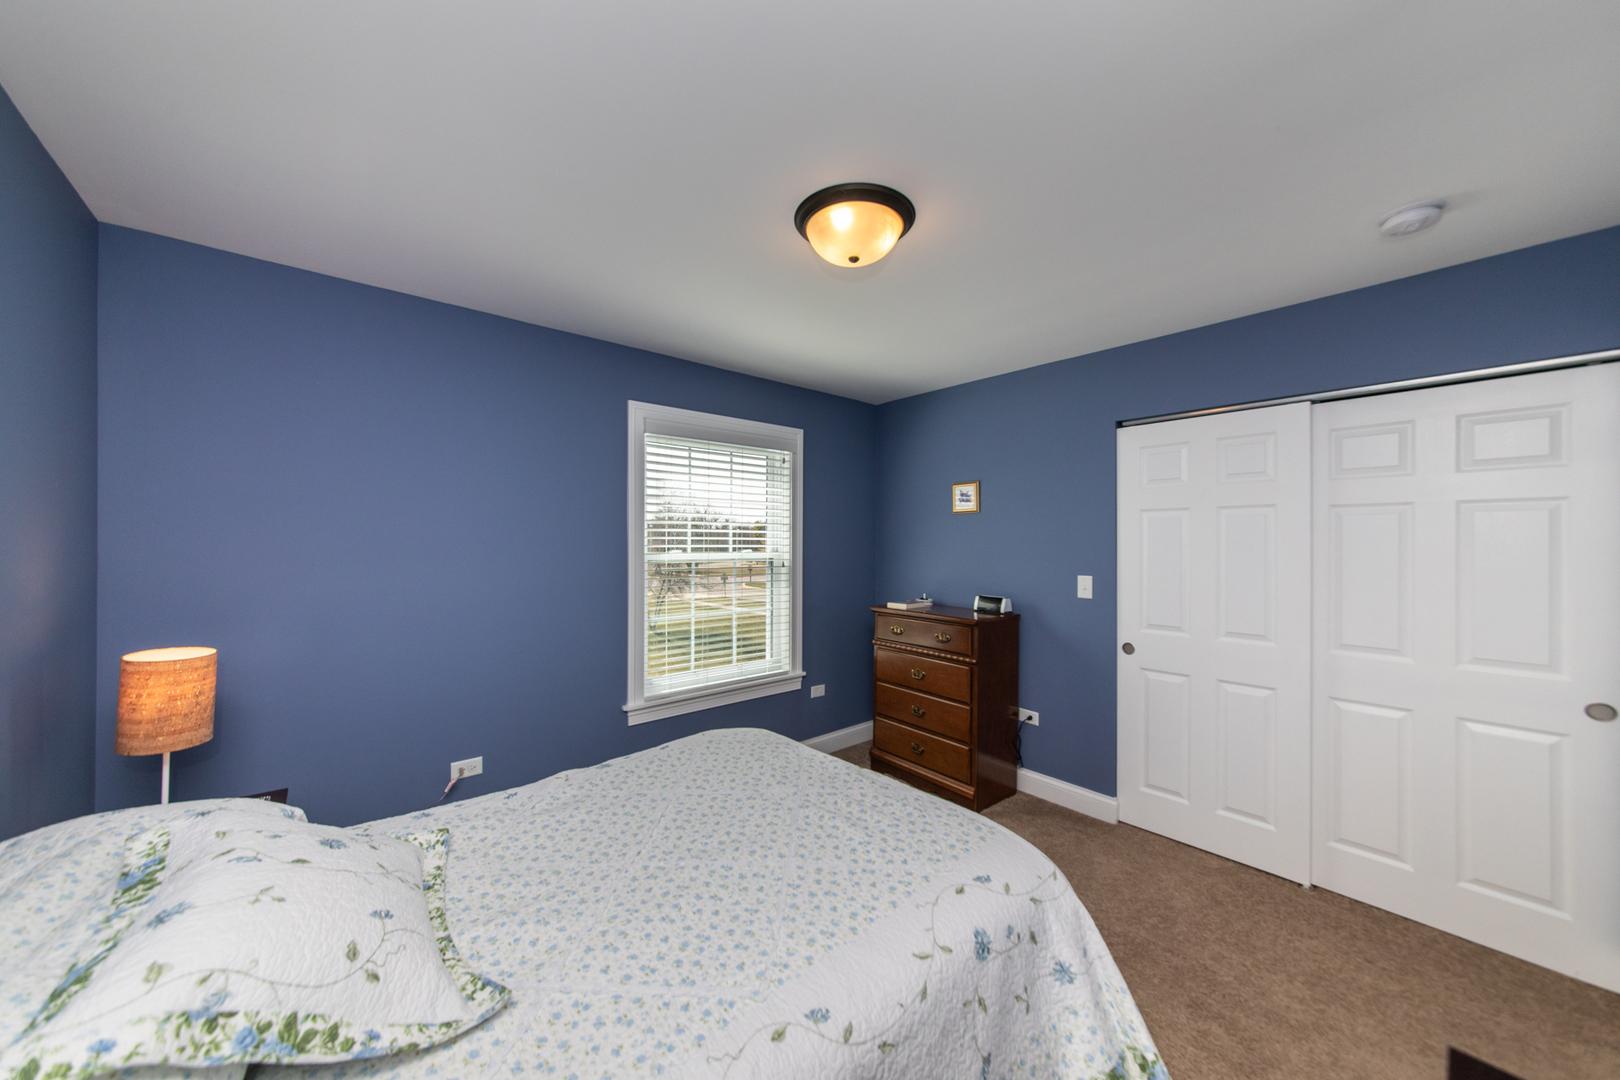 2130 School House, AURORA, Illinois, 60506